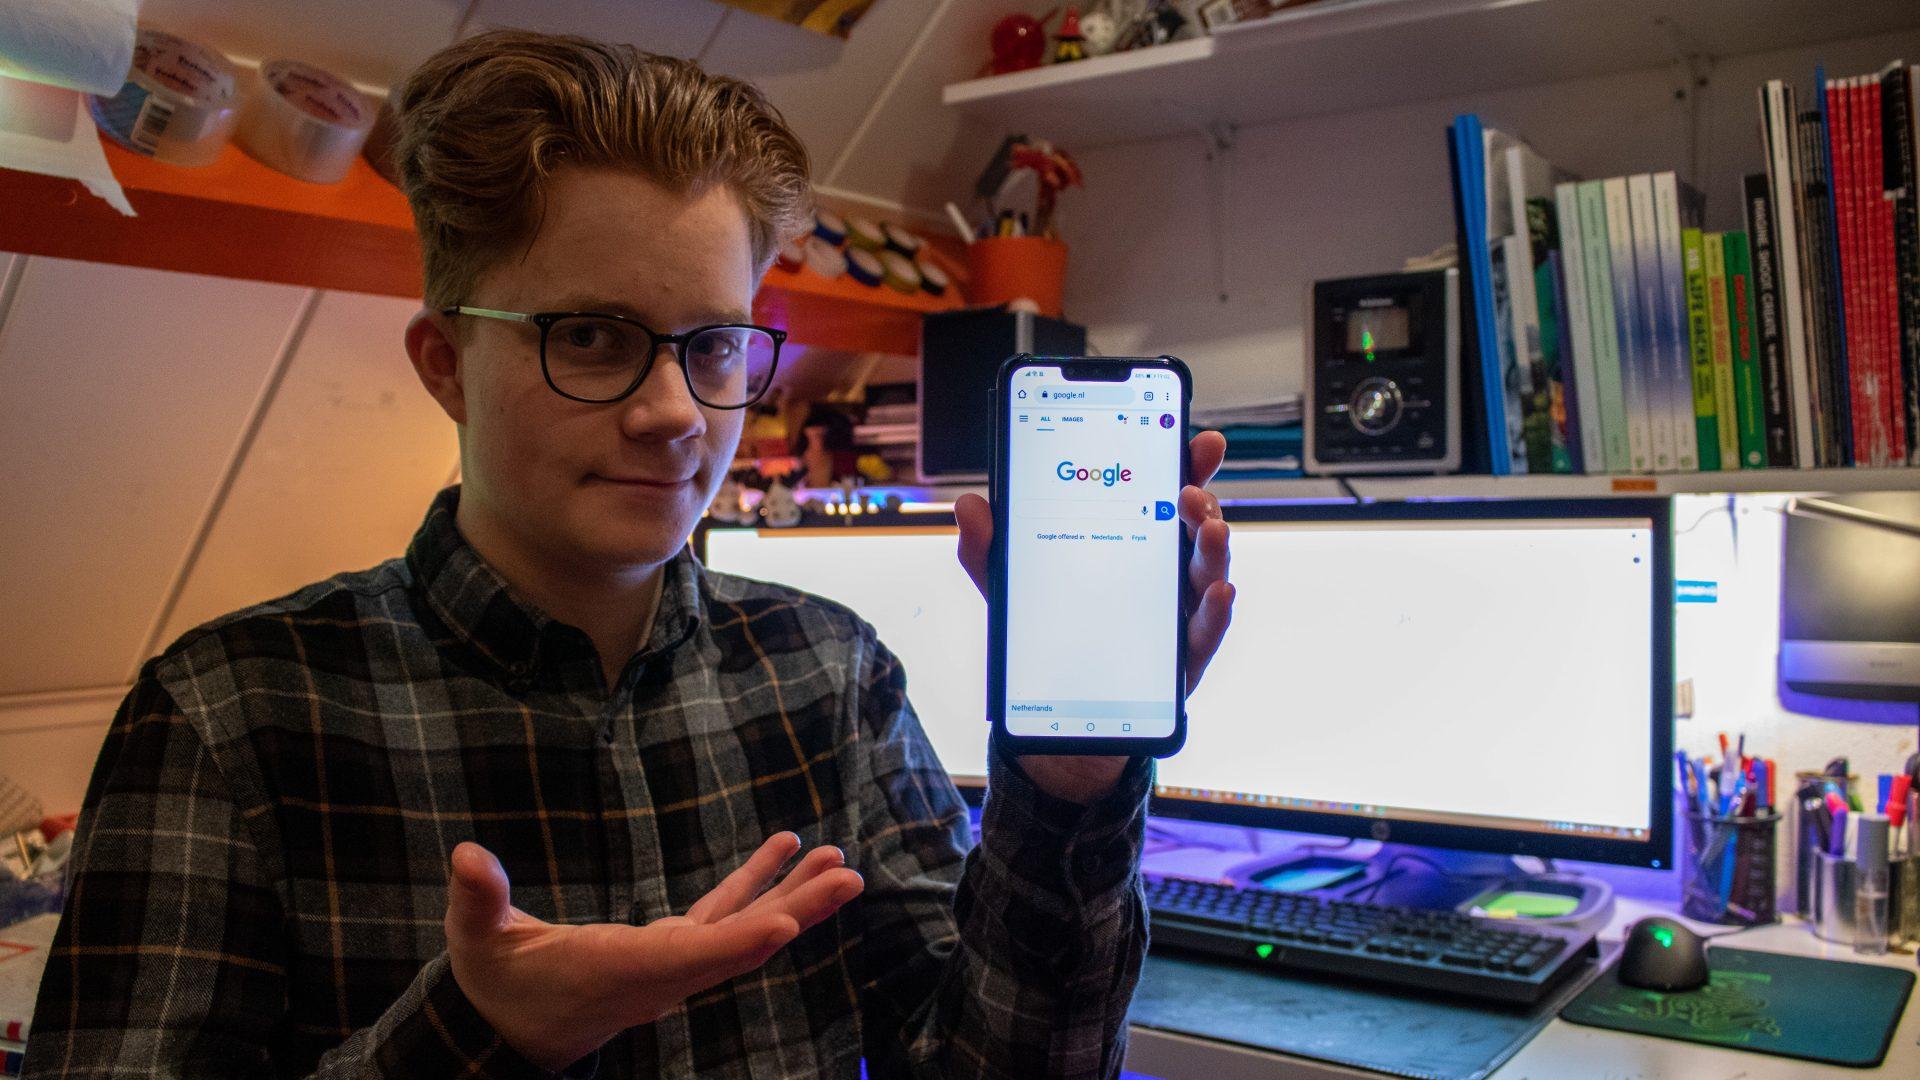 Stach Redeker houdt een telefoon vast. Op het scherm is de zoekmachine 'Google' te zien.